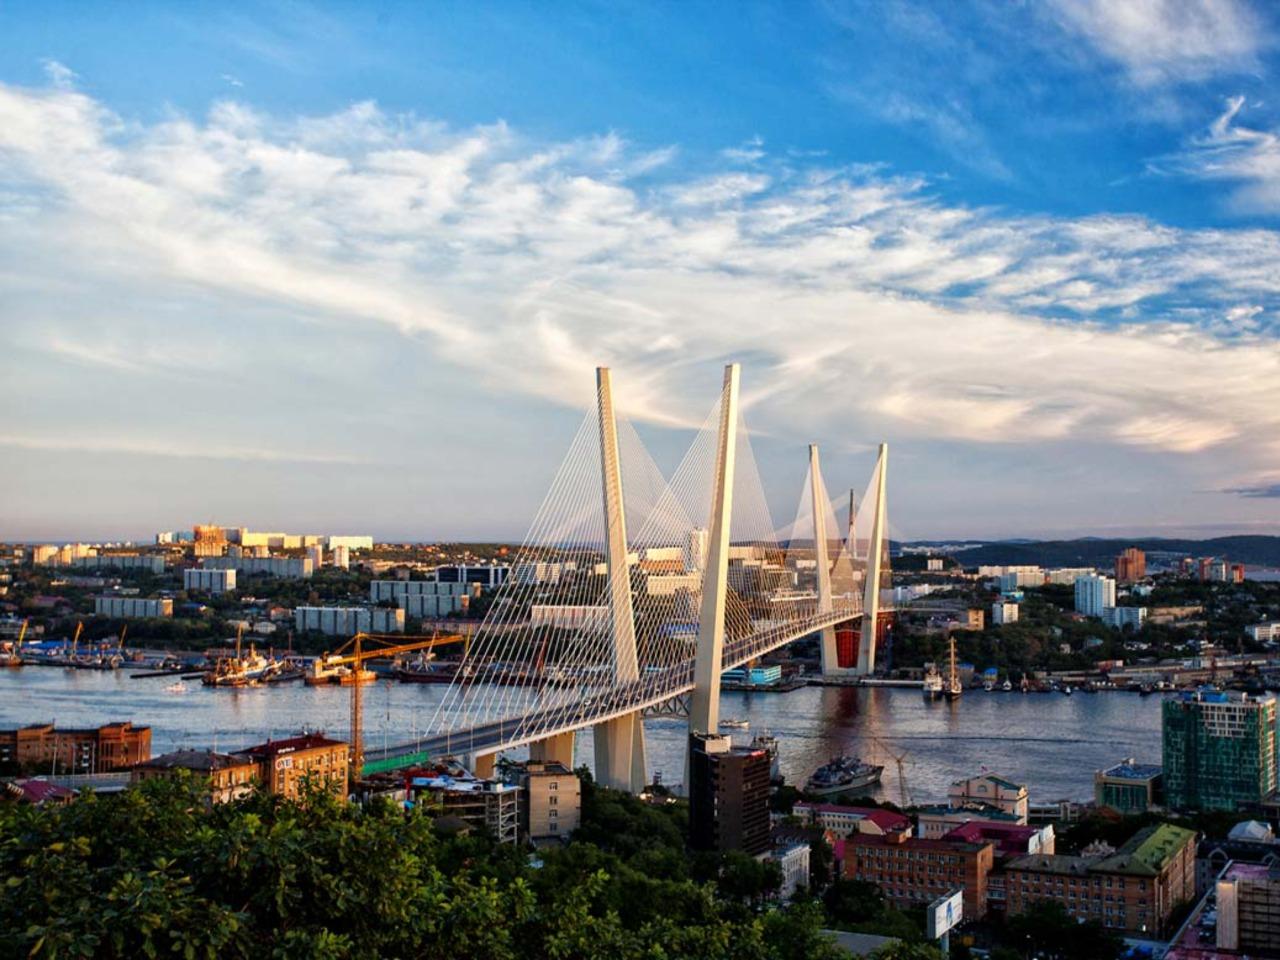 5 сопок Владивостока на внедорожнике - индивидуальная экскурсия по Владивостоку от опытного гида